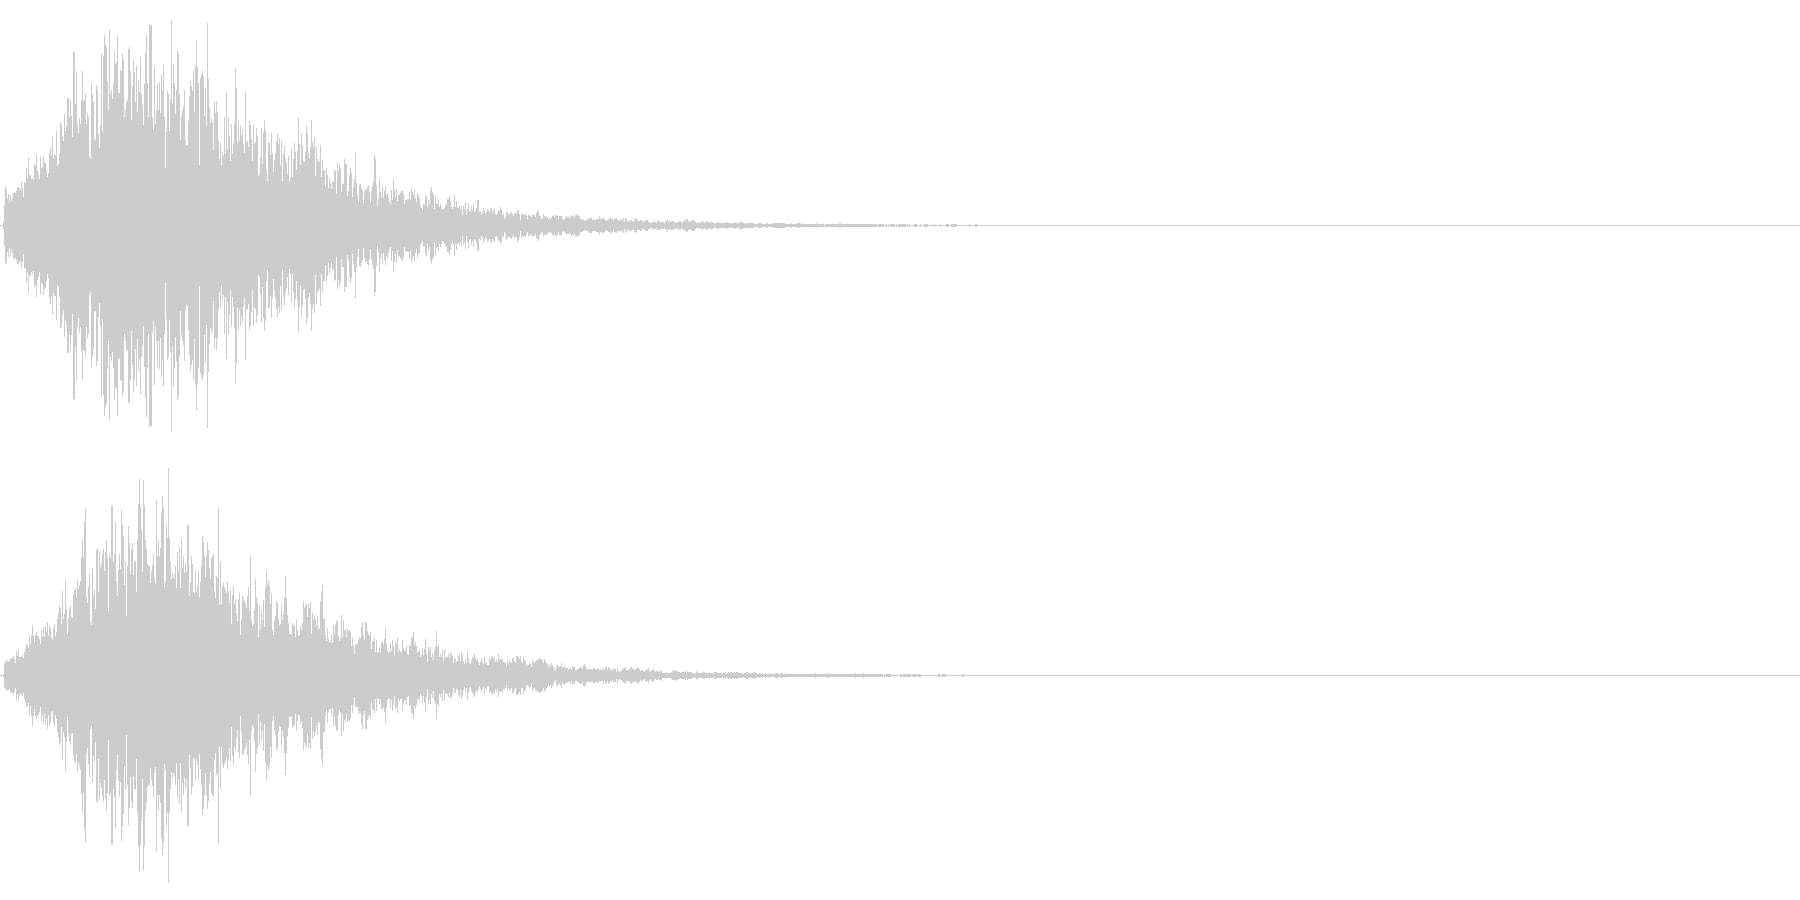 ゲームスタート、決定、ボタン音-082の未再生の波形